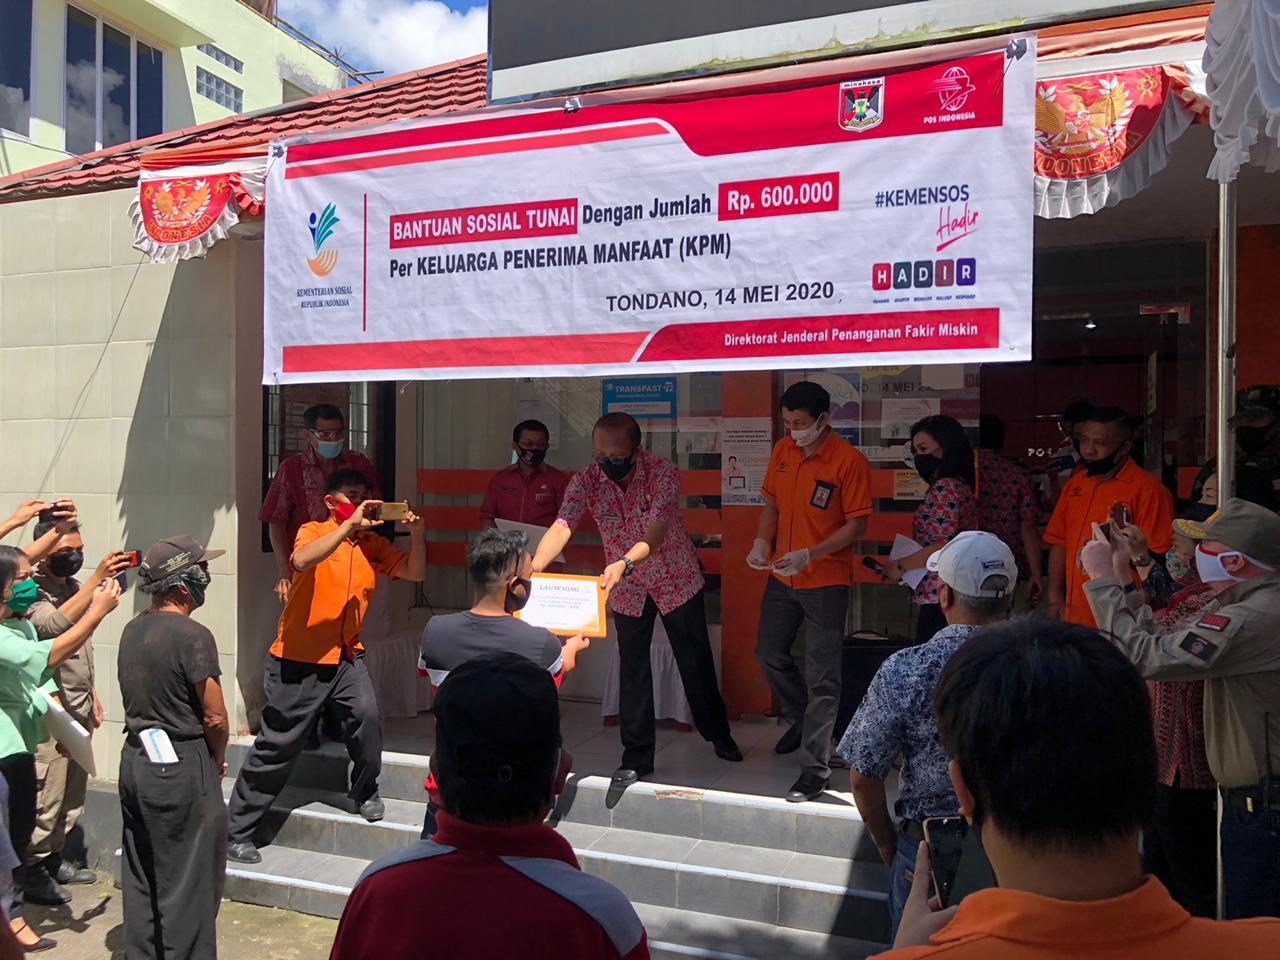 Serahkan BST di Tondano Timur, Muntu Berharap Supaya Tidak Disalahgunakan